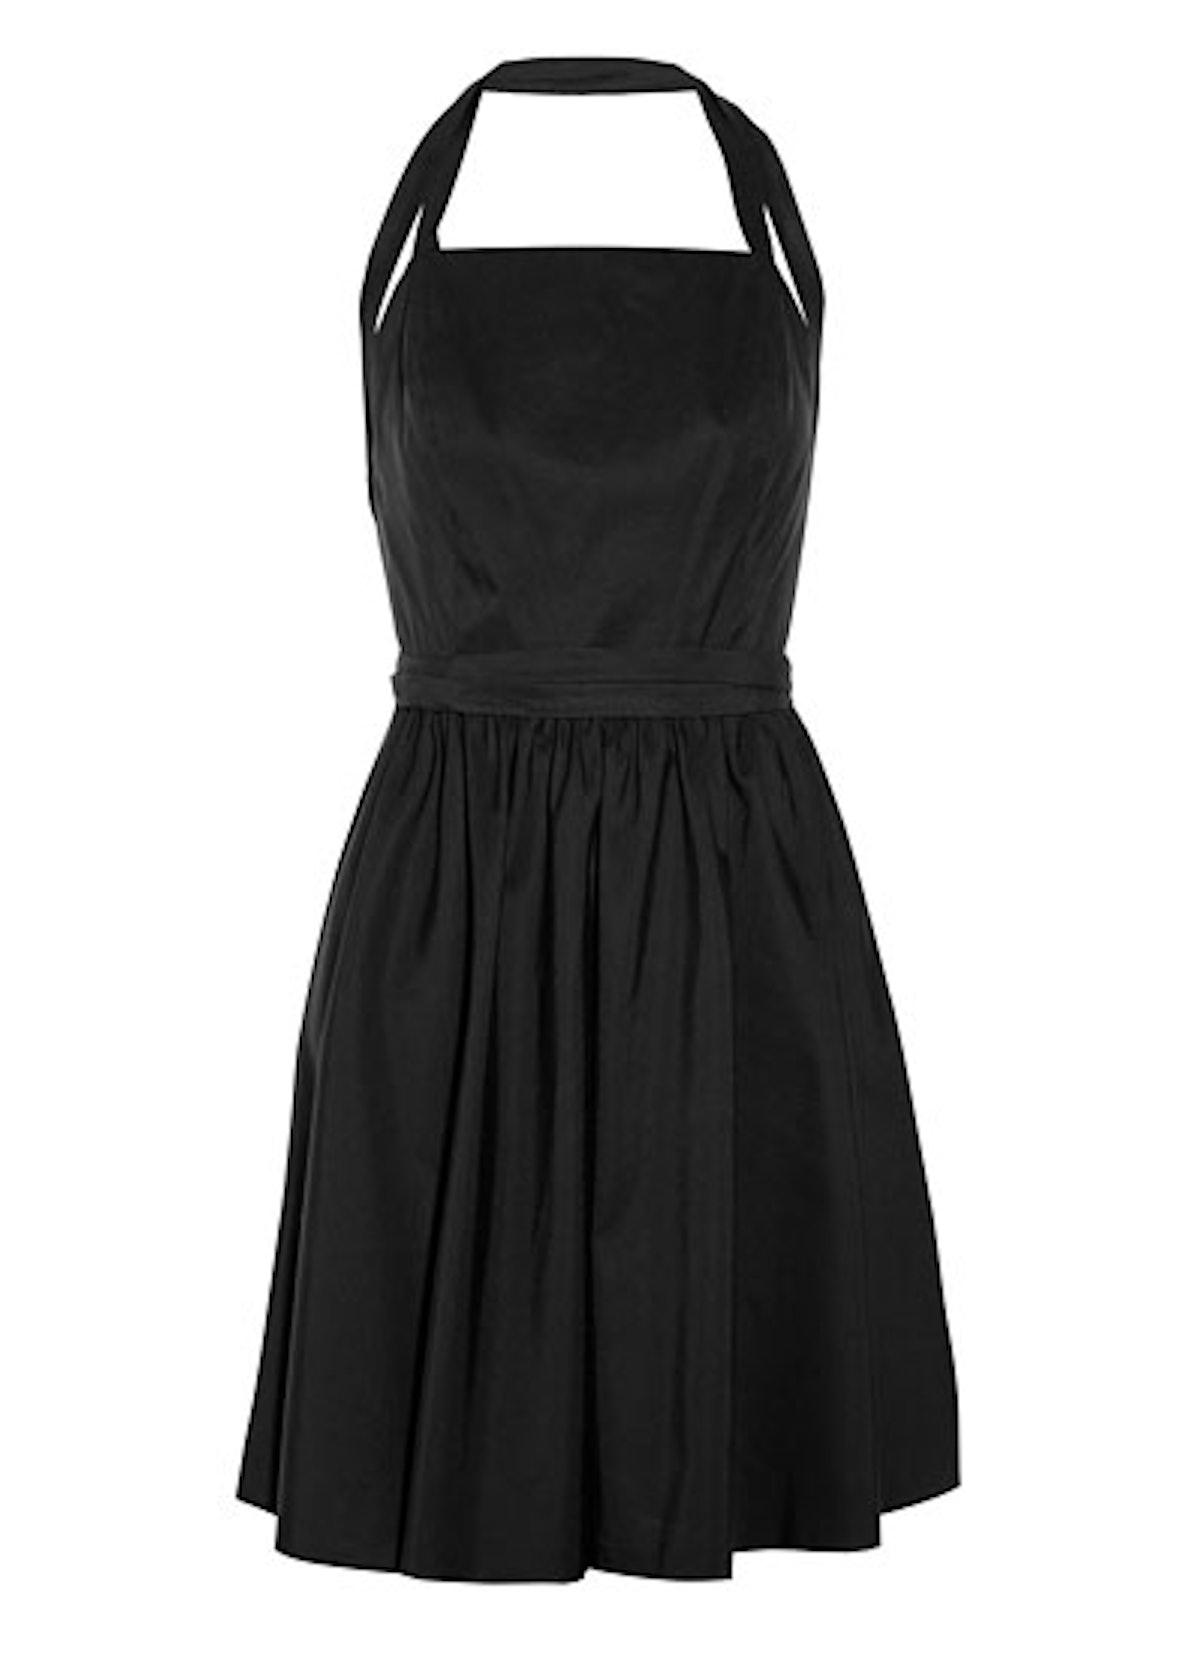 fass-little-black-dresses-07-v.jpg